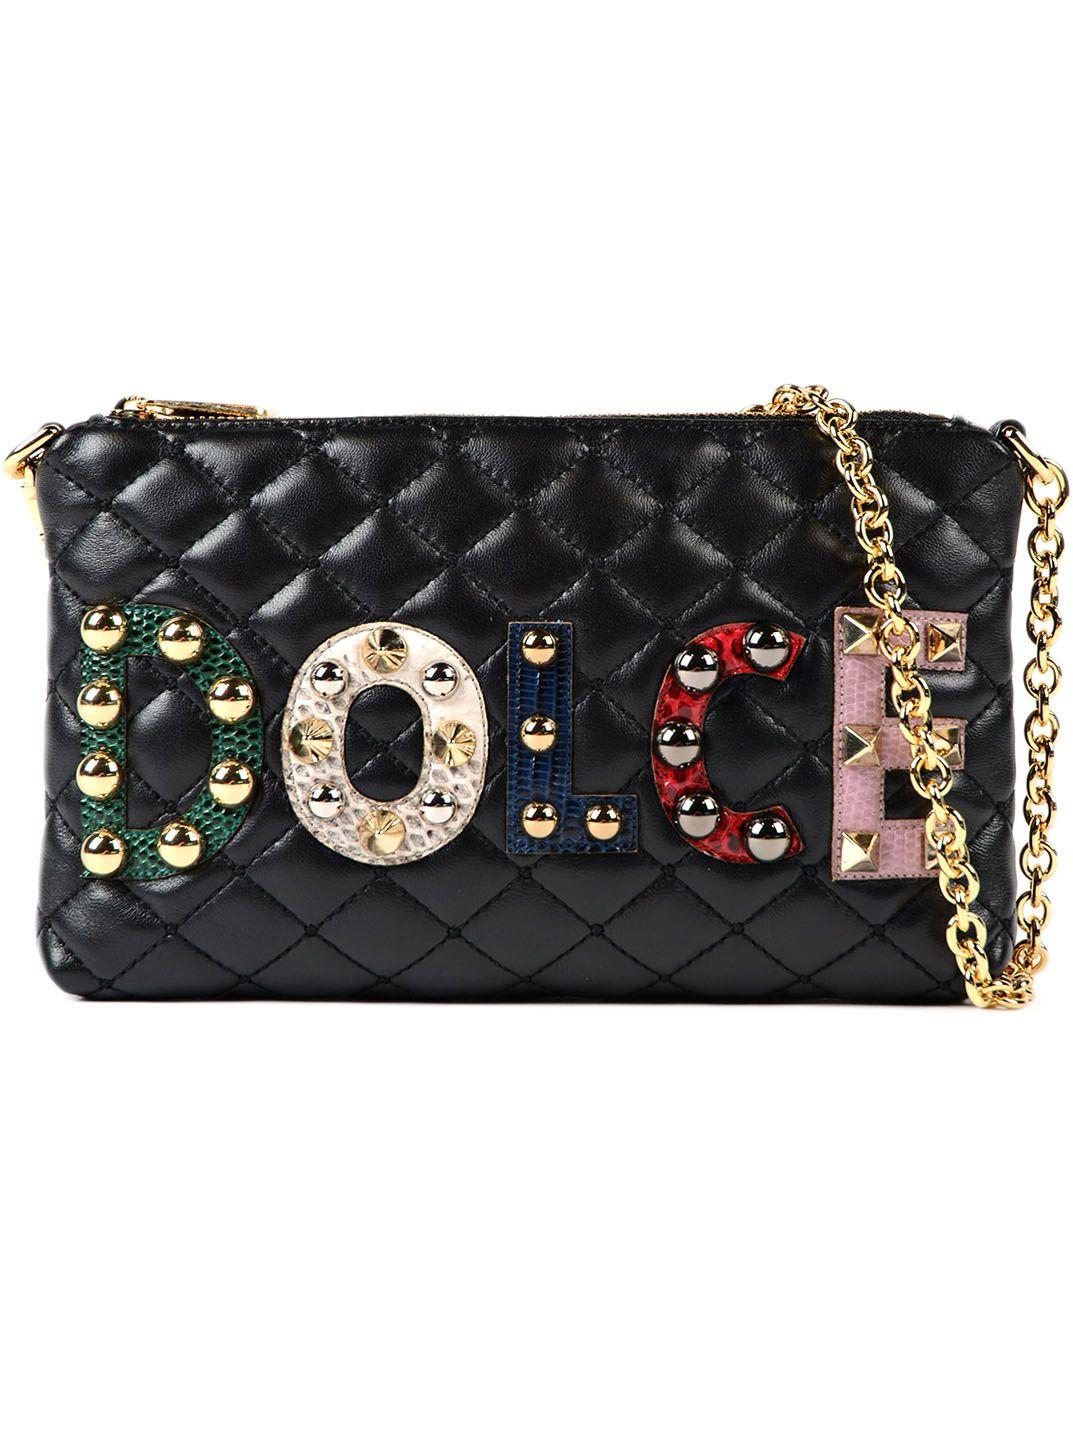 Dolce & Gabbana Micro Bag Nappa